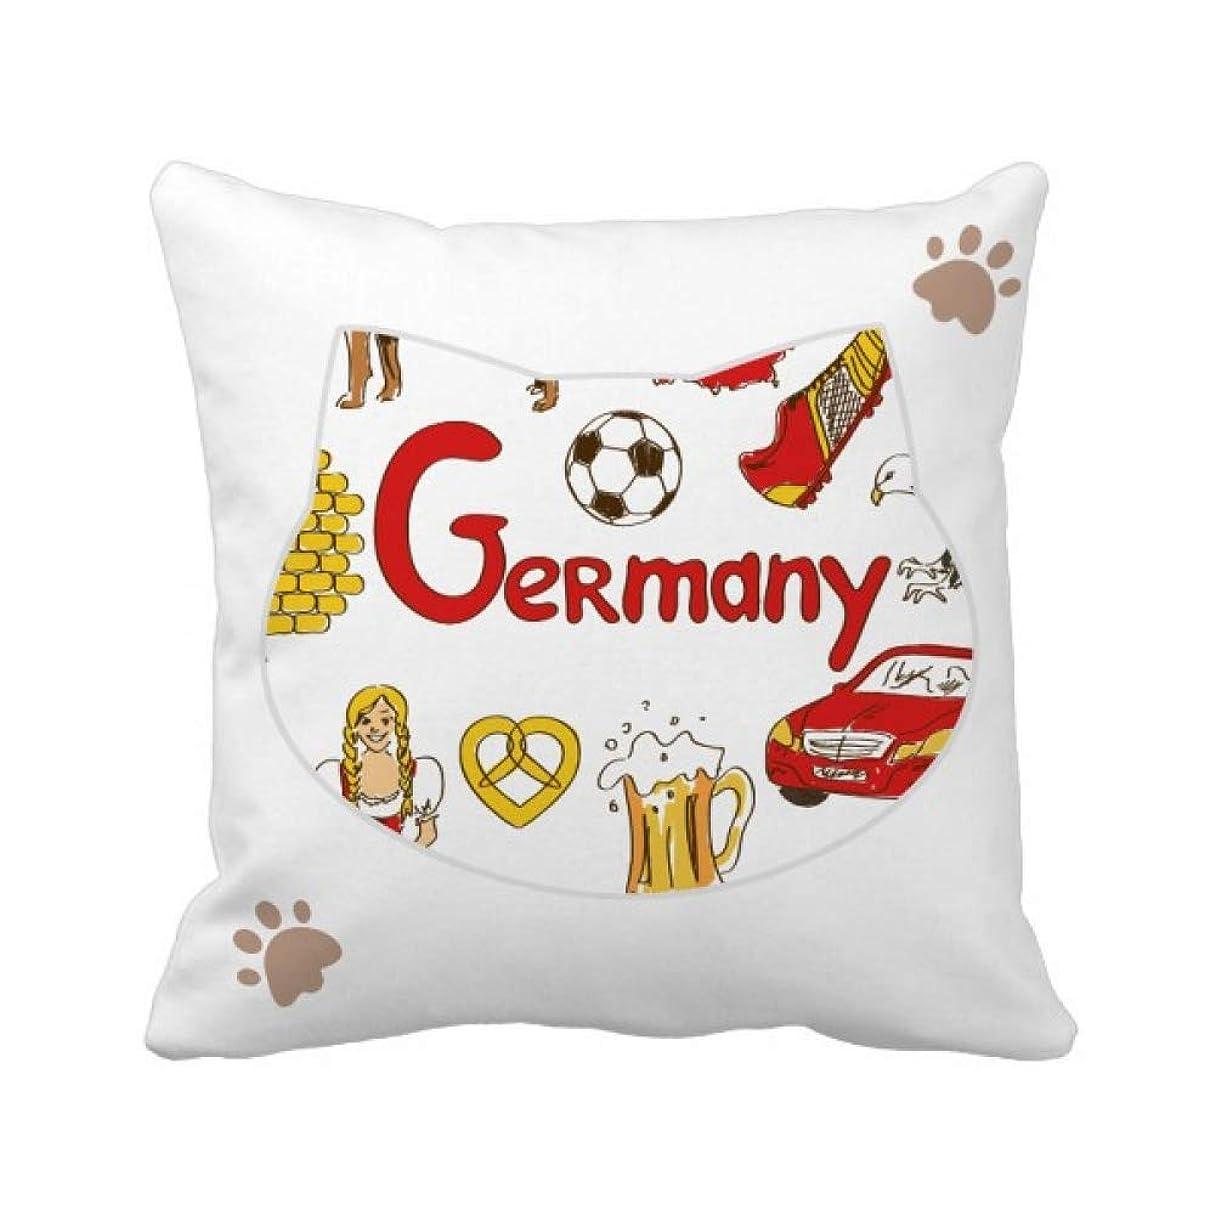 トイレ発言する関係ないドイツの風景の動物の国旗 枕カバーを放り投げる猫広場 50cm x 50cm